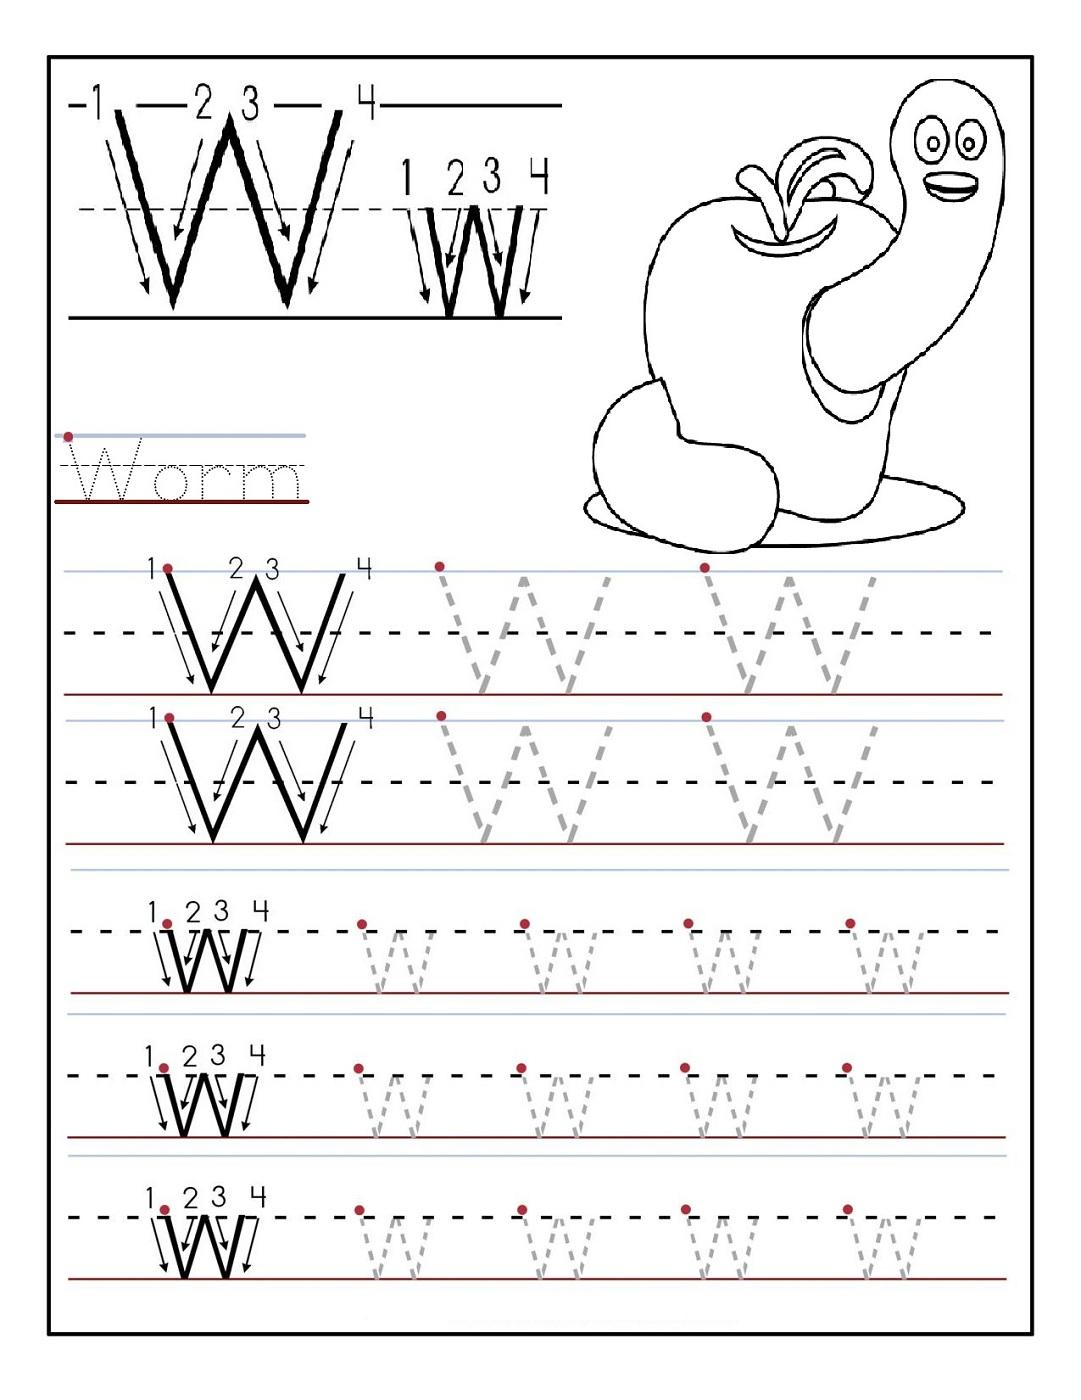 kindergarten alphabet worksheets to print activity shelter. Black Bedroom Furniture Sets. Home Design Ideas